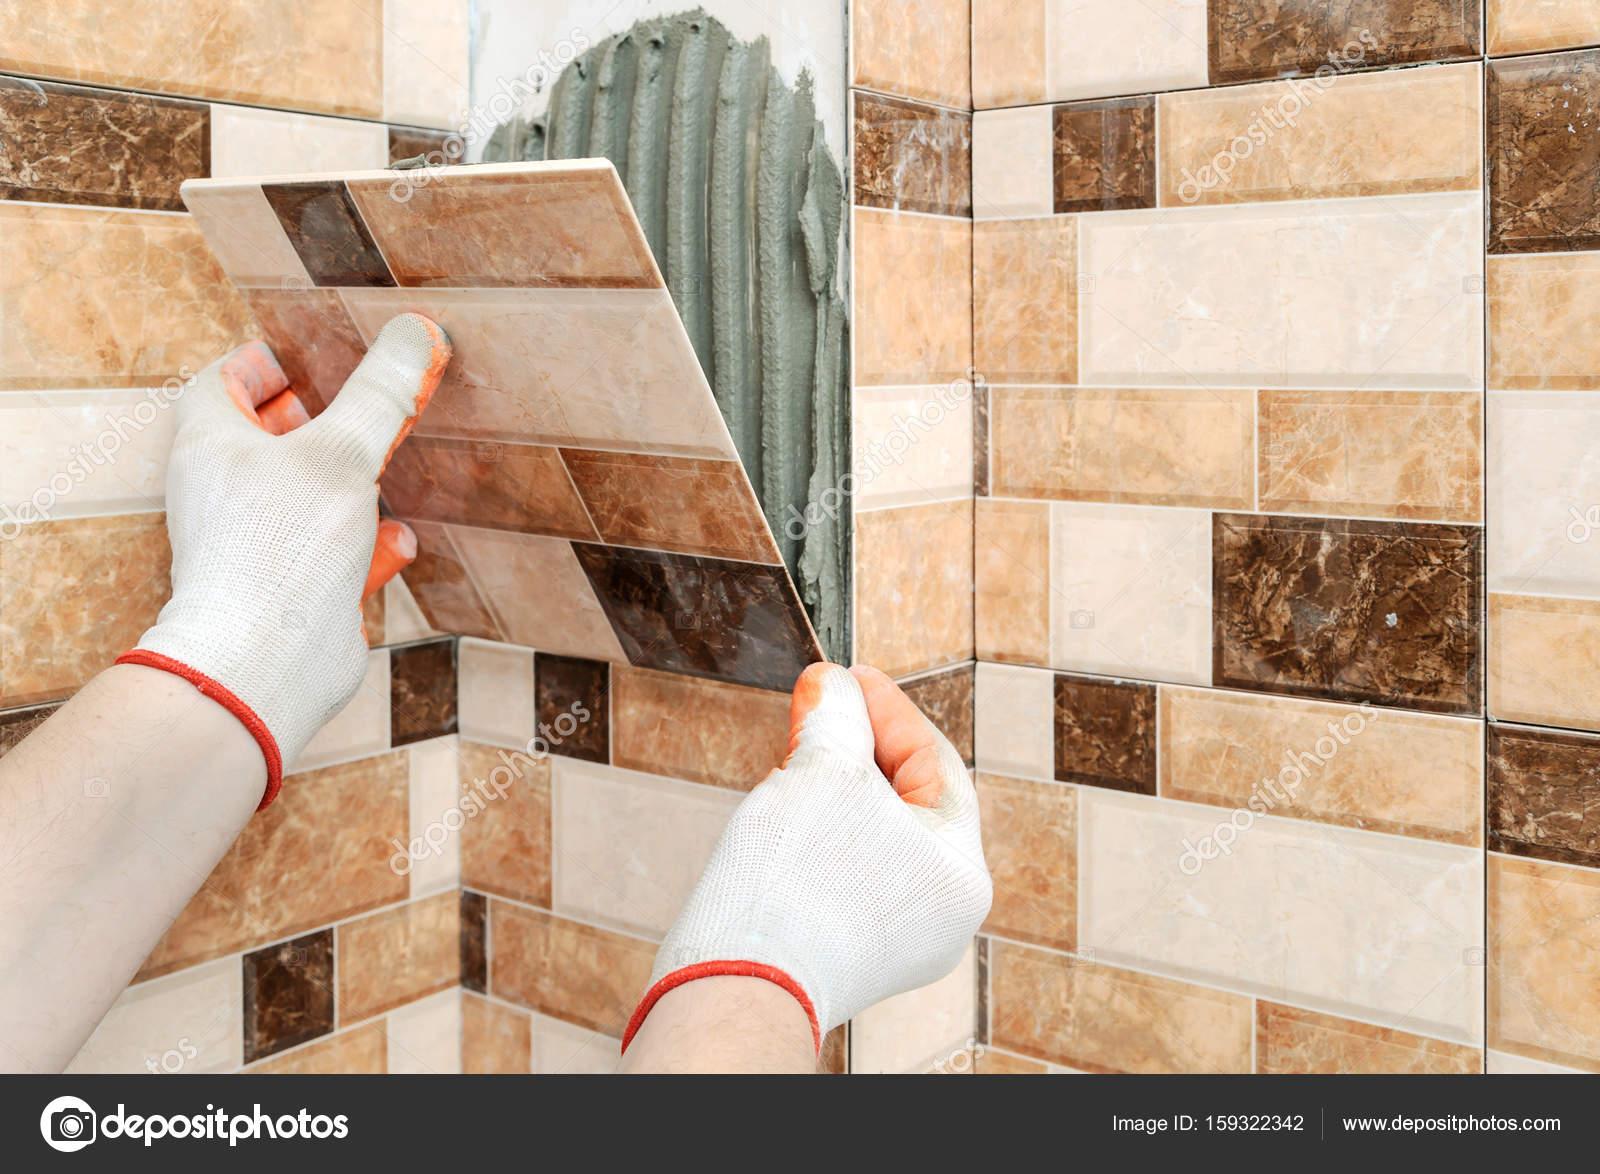 Posa di piastrelle in ceramica u2014 foto stock © yunava1 #159322342